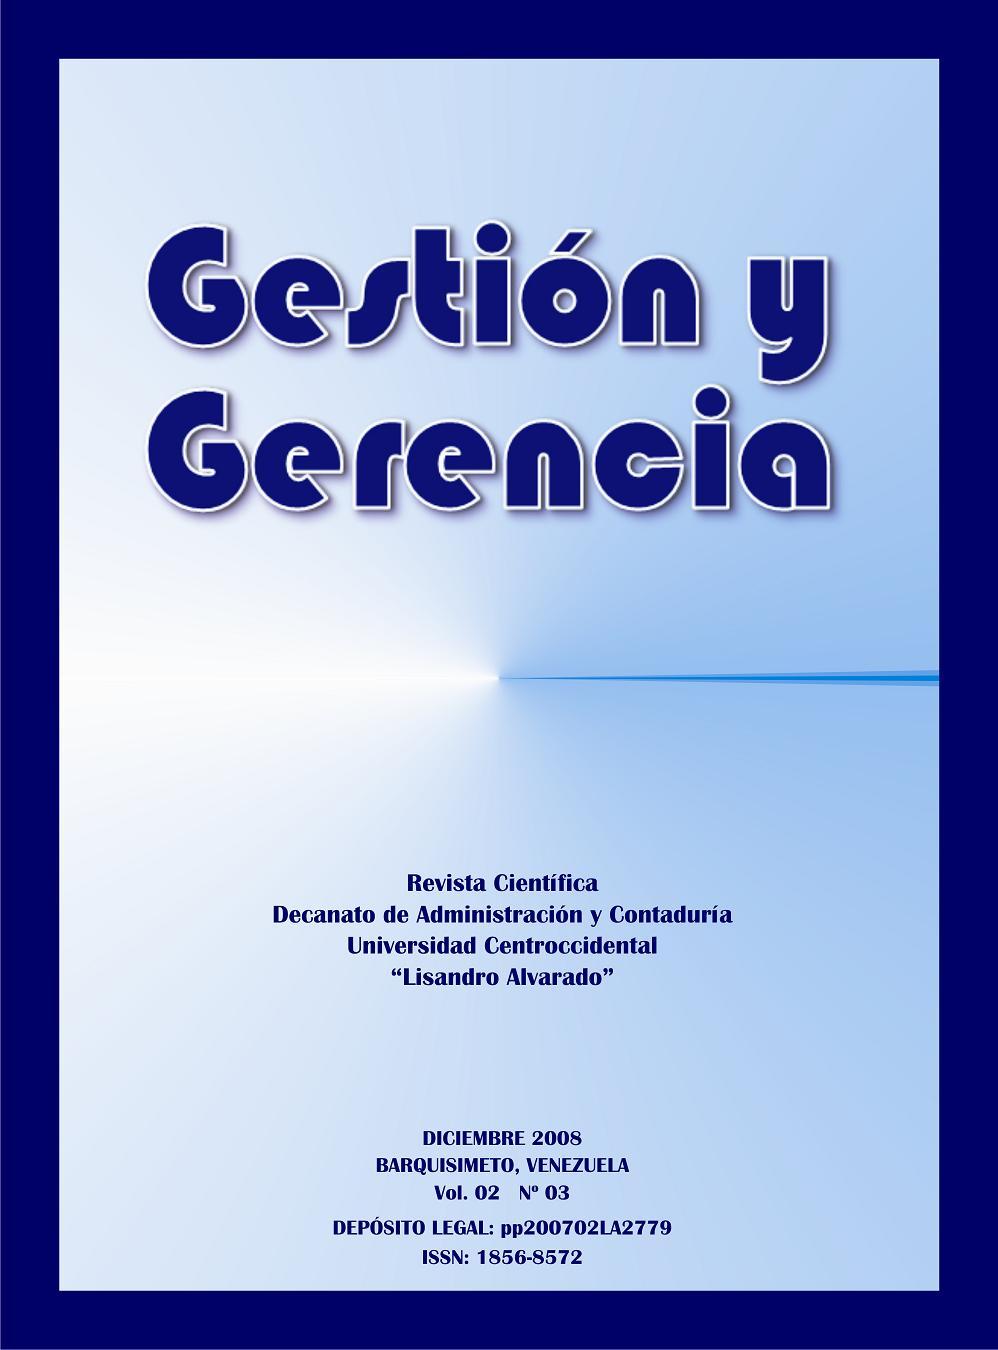 Descripción: Descripción: http://www.ucla.edu.ve/DAC/investigacion/gyg/GyG%202008/Diciembre%202008/Portada-Dic-2008.jpg